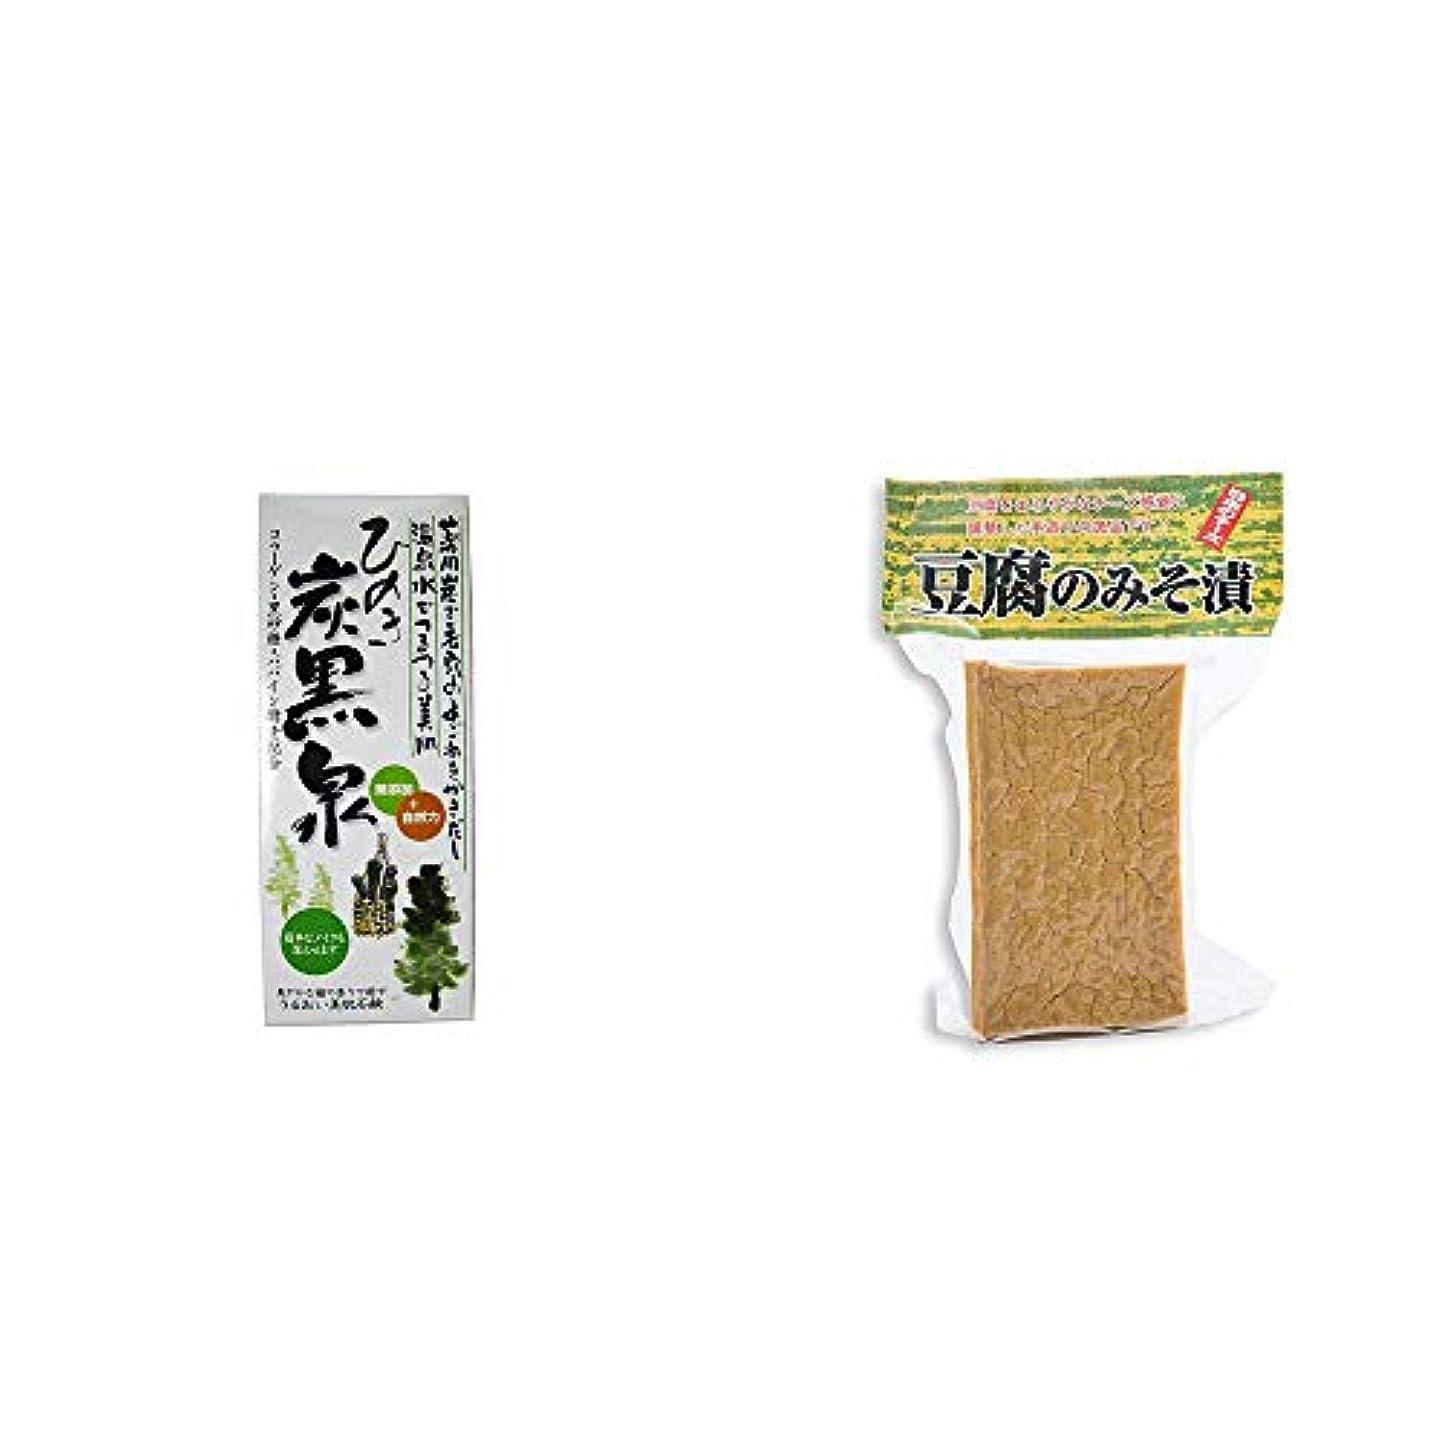 知らせる線形債権者[2点セット] ひのき炭黒泉 箱入り(75g×3)?日本のチーズ 豆腐のみそ漬(1個入)